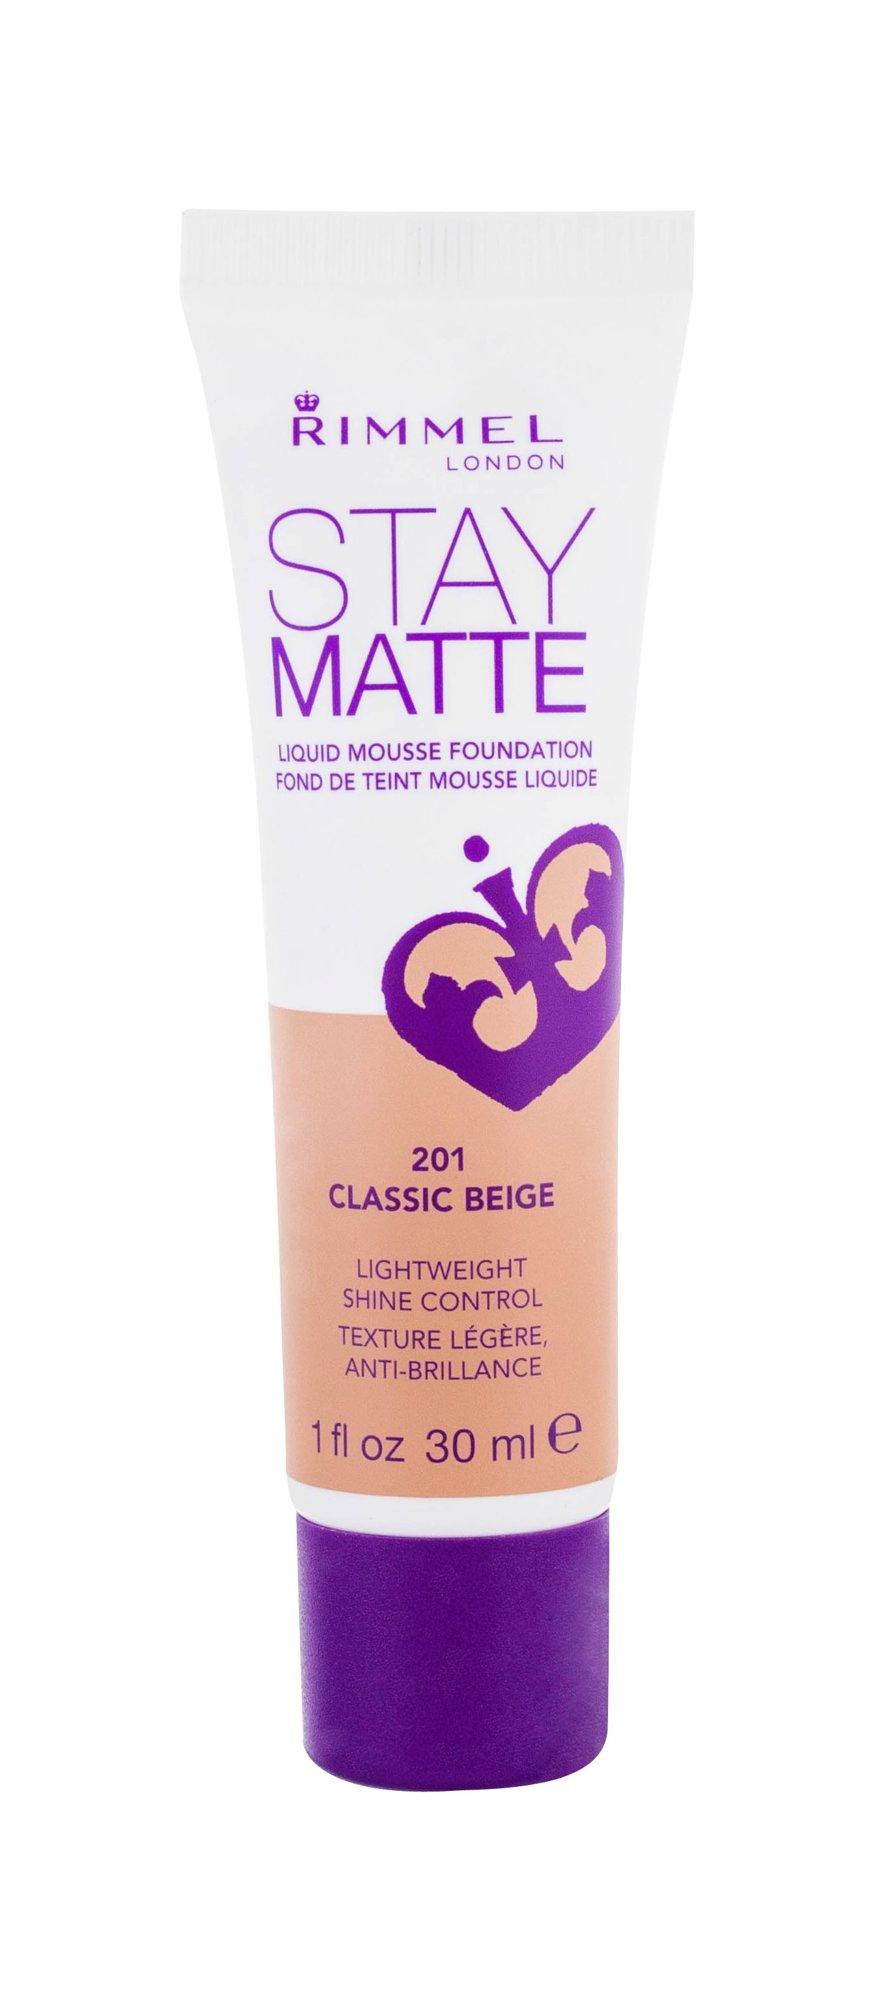 Rimmel London Stay Matte Cosmetic 30ml 201 Classic Beige